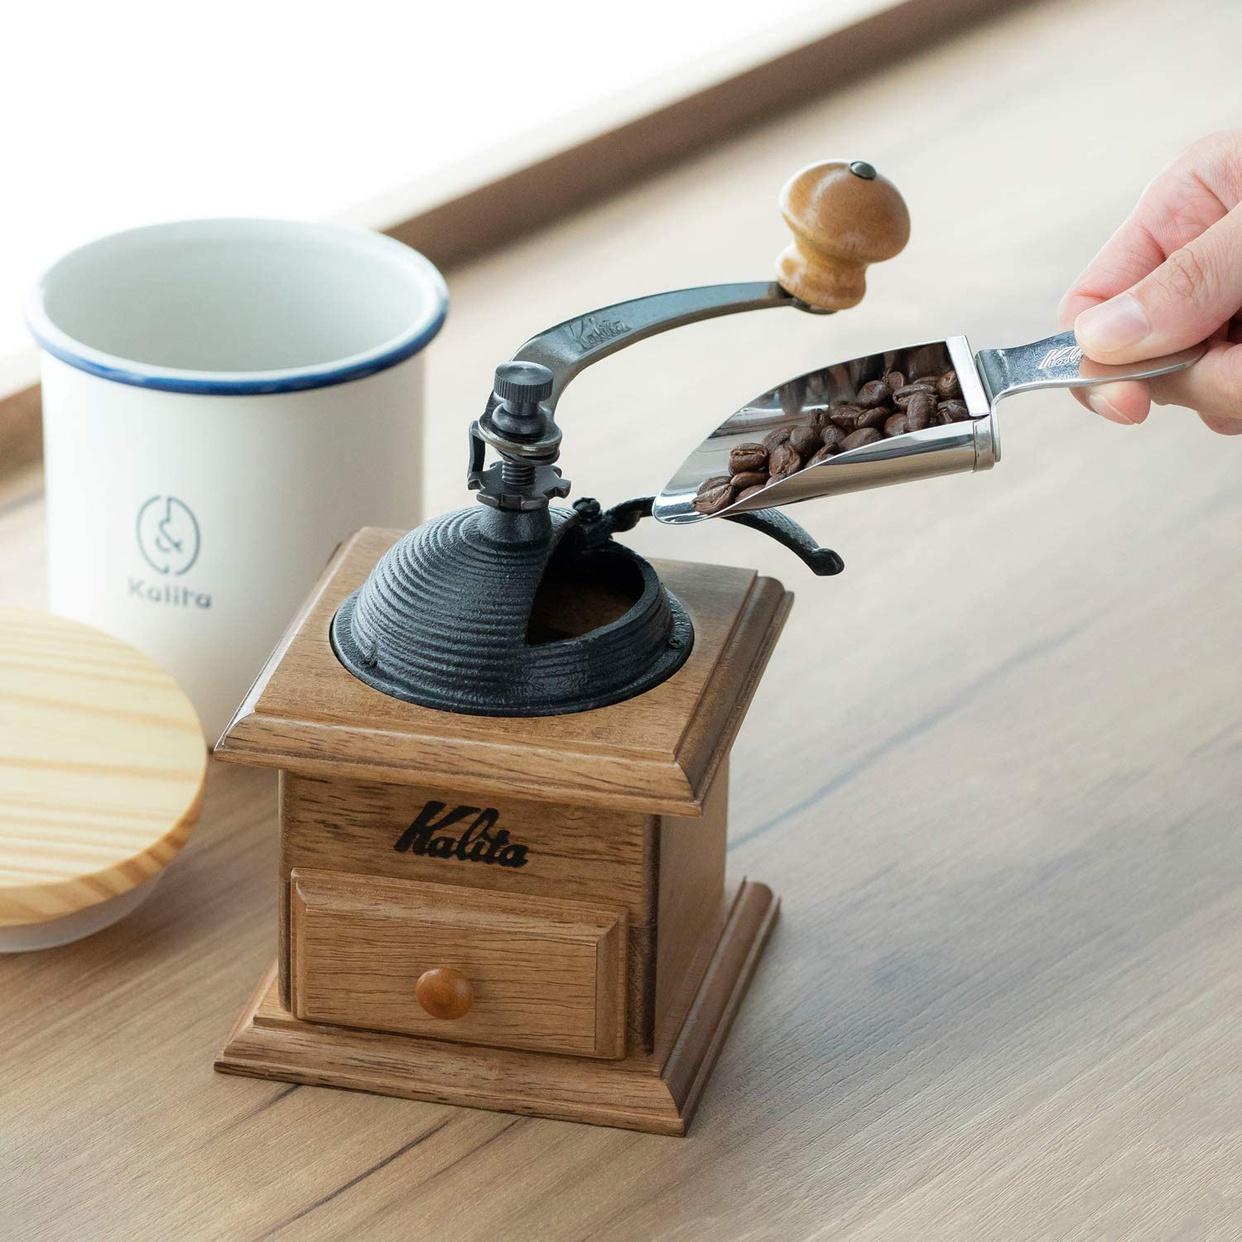 Kalita(カリタ) ドームミル 手挽き 42033の商品画像2